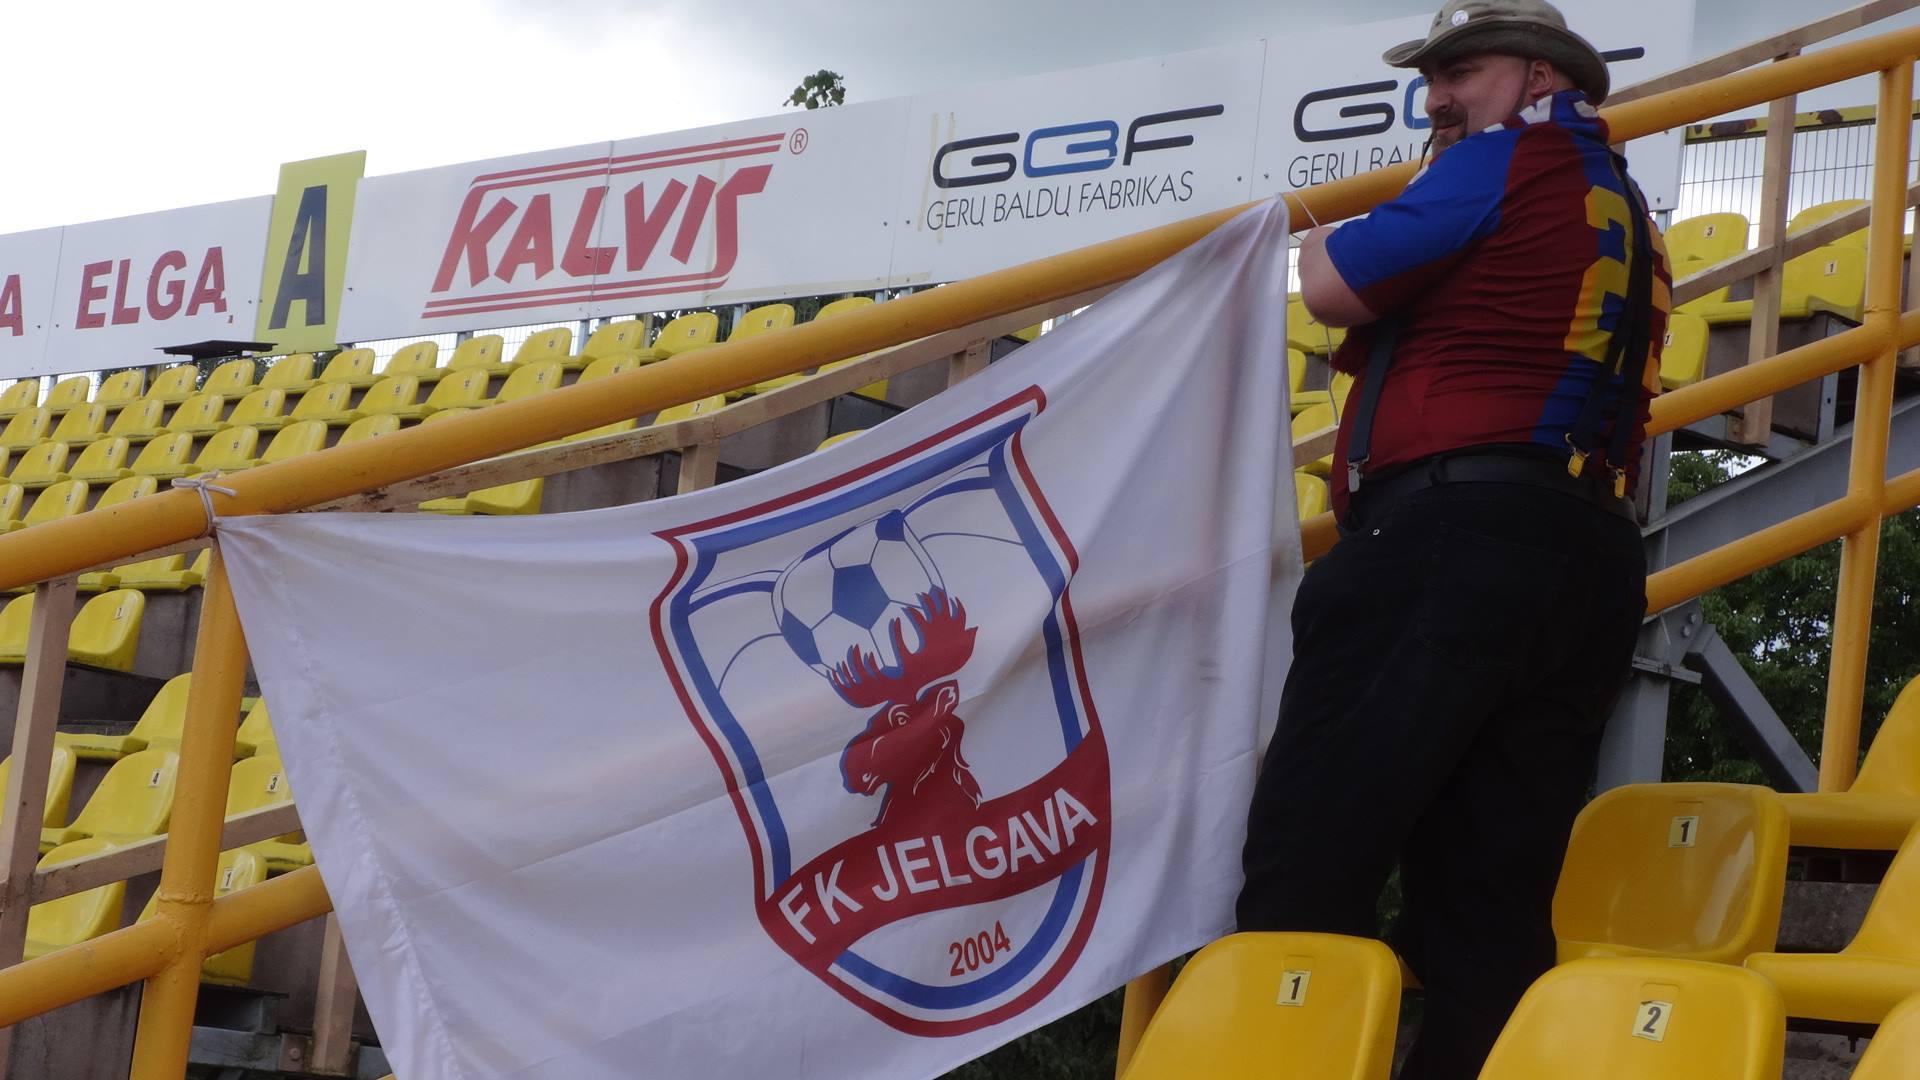 Virsliga Lettonia 9 aprile: si giocano 2 gare della quarta giornata della Serie A della Lettonia. RFS in vetta al gruppo a quota 12 punti.